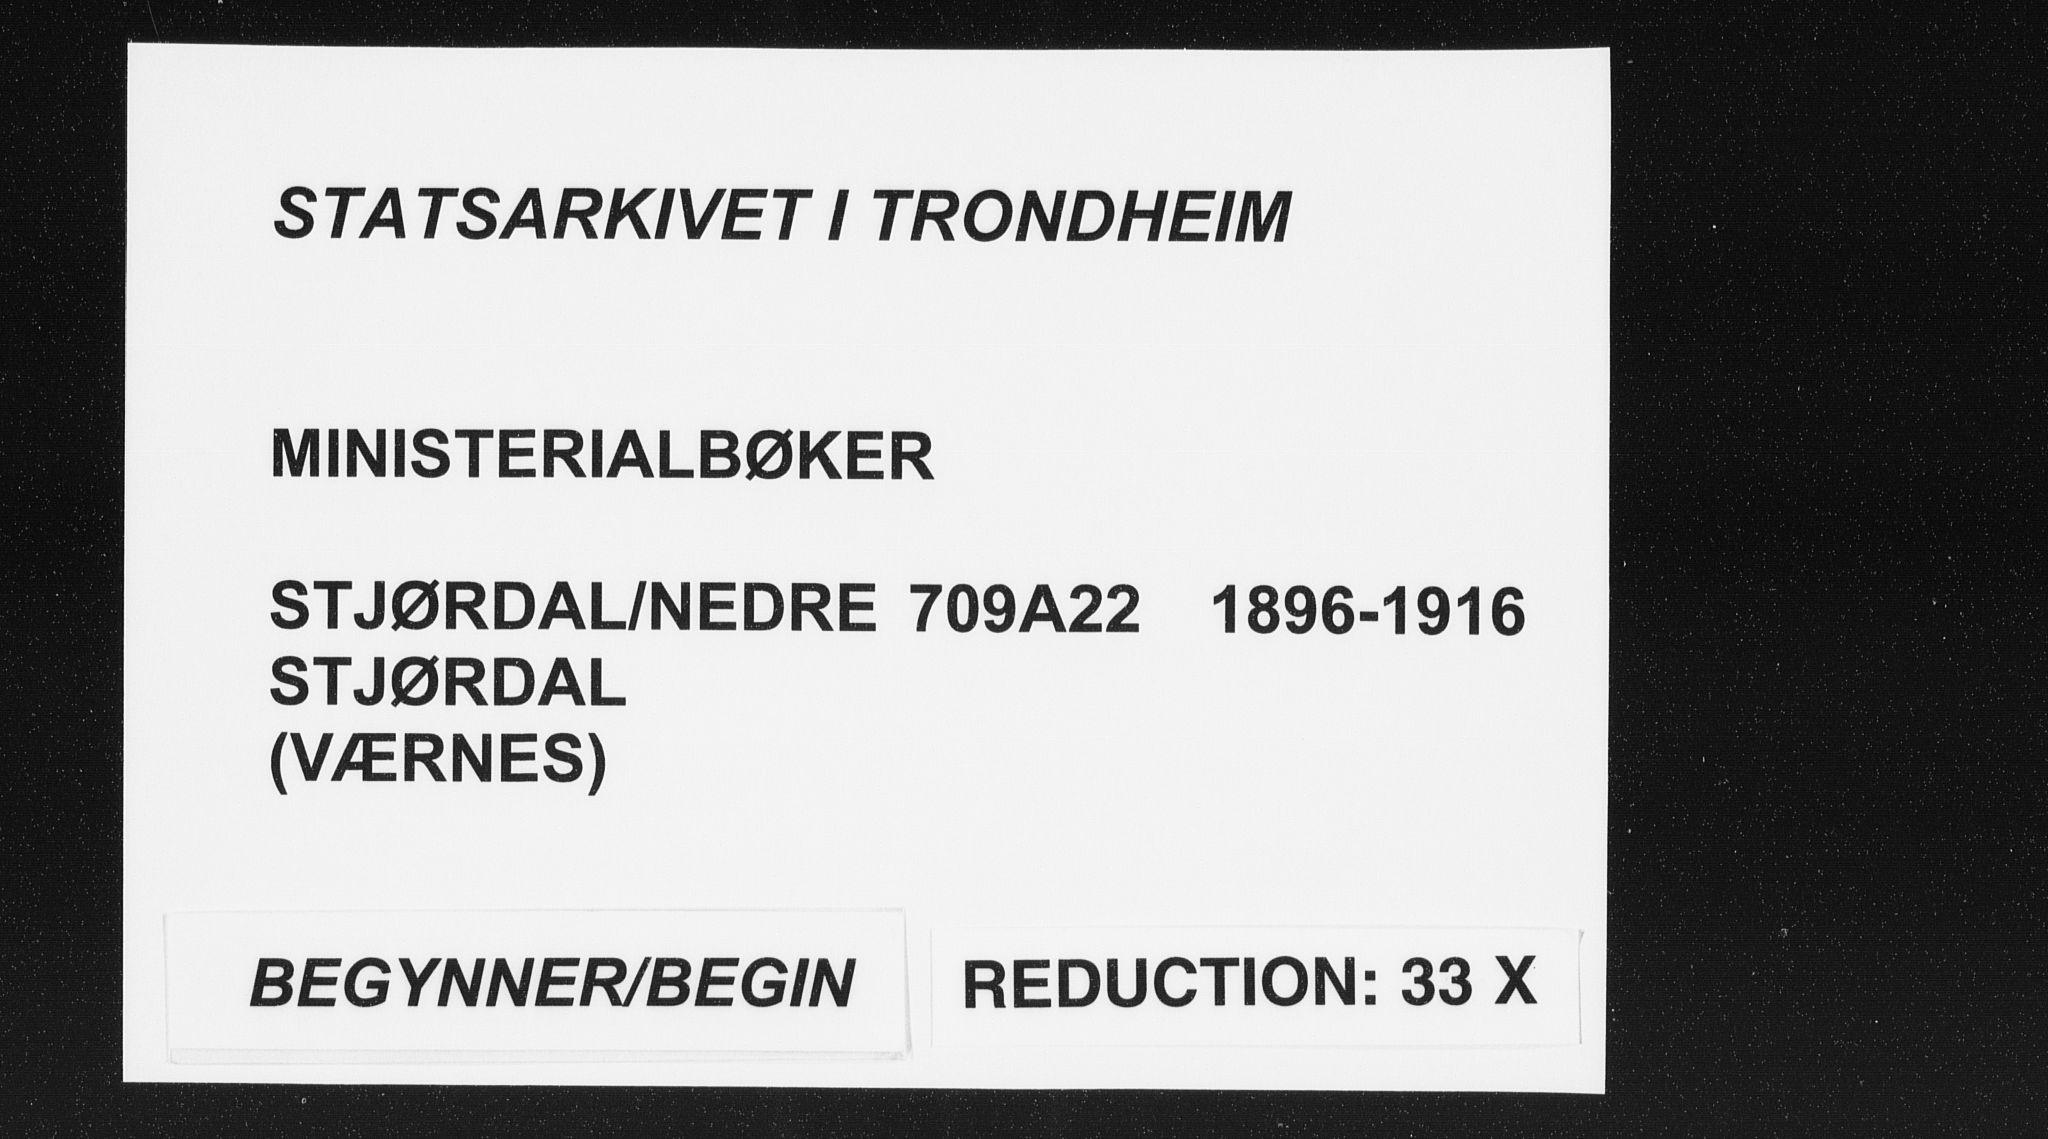 SAT, Ministerialprotokoller, klokkerbøker og fødselsregistre - Nord-Trøndelag, 709/L0082: Ministerialbok nr. 709A22, 1896-1916